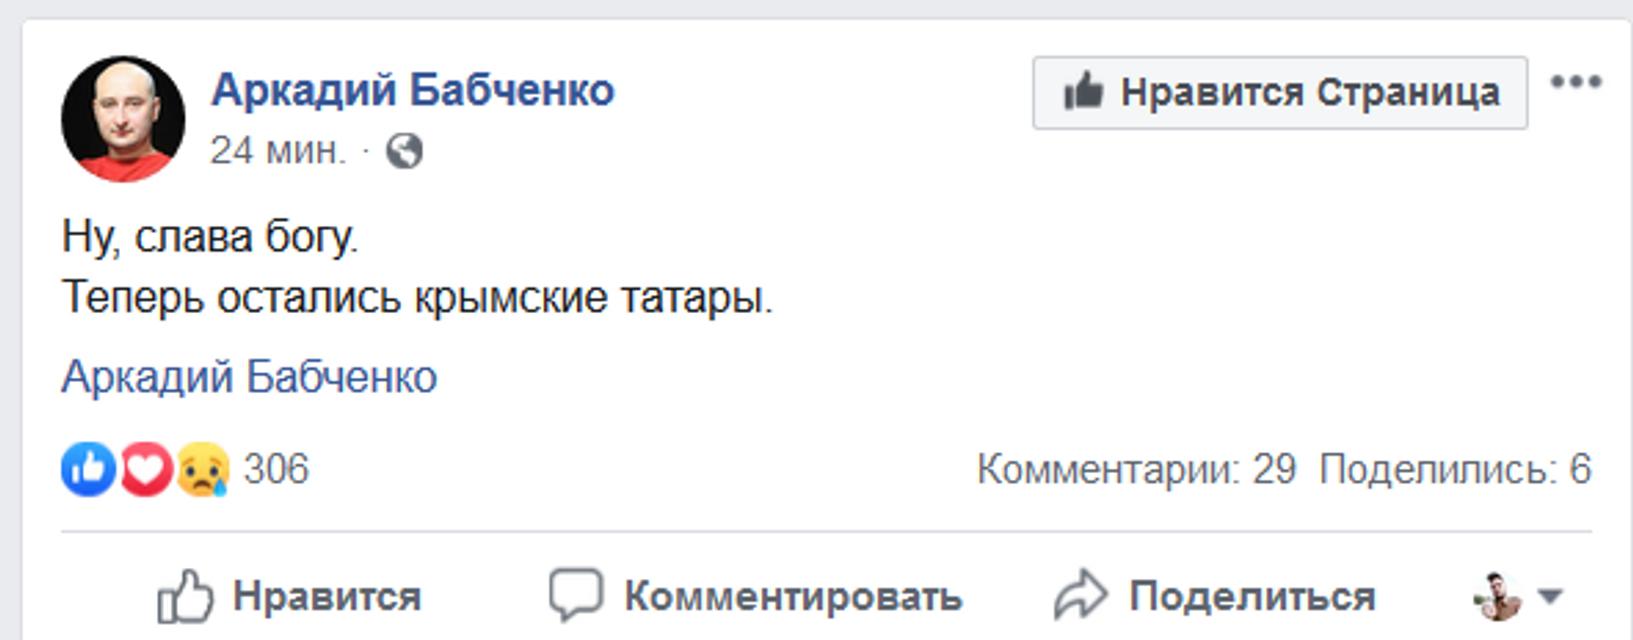 Узники Кремля вернулись домой: РЕАКЦИЯ СЕТИ - фото 187280